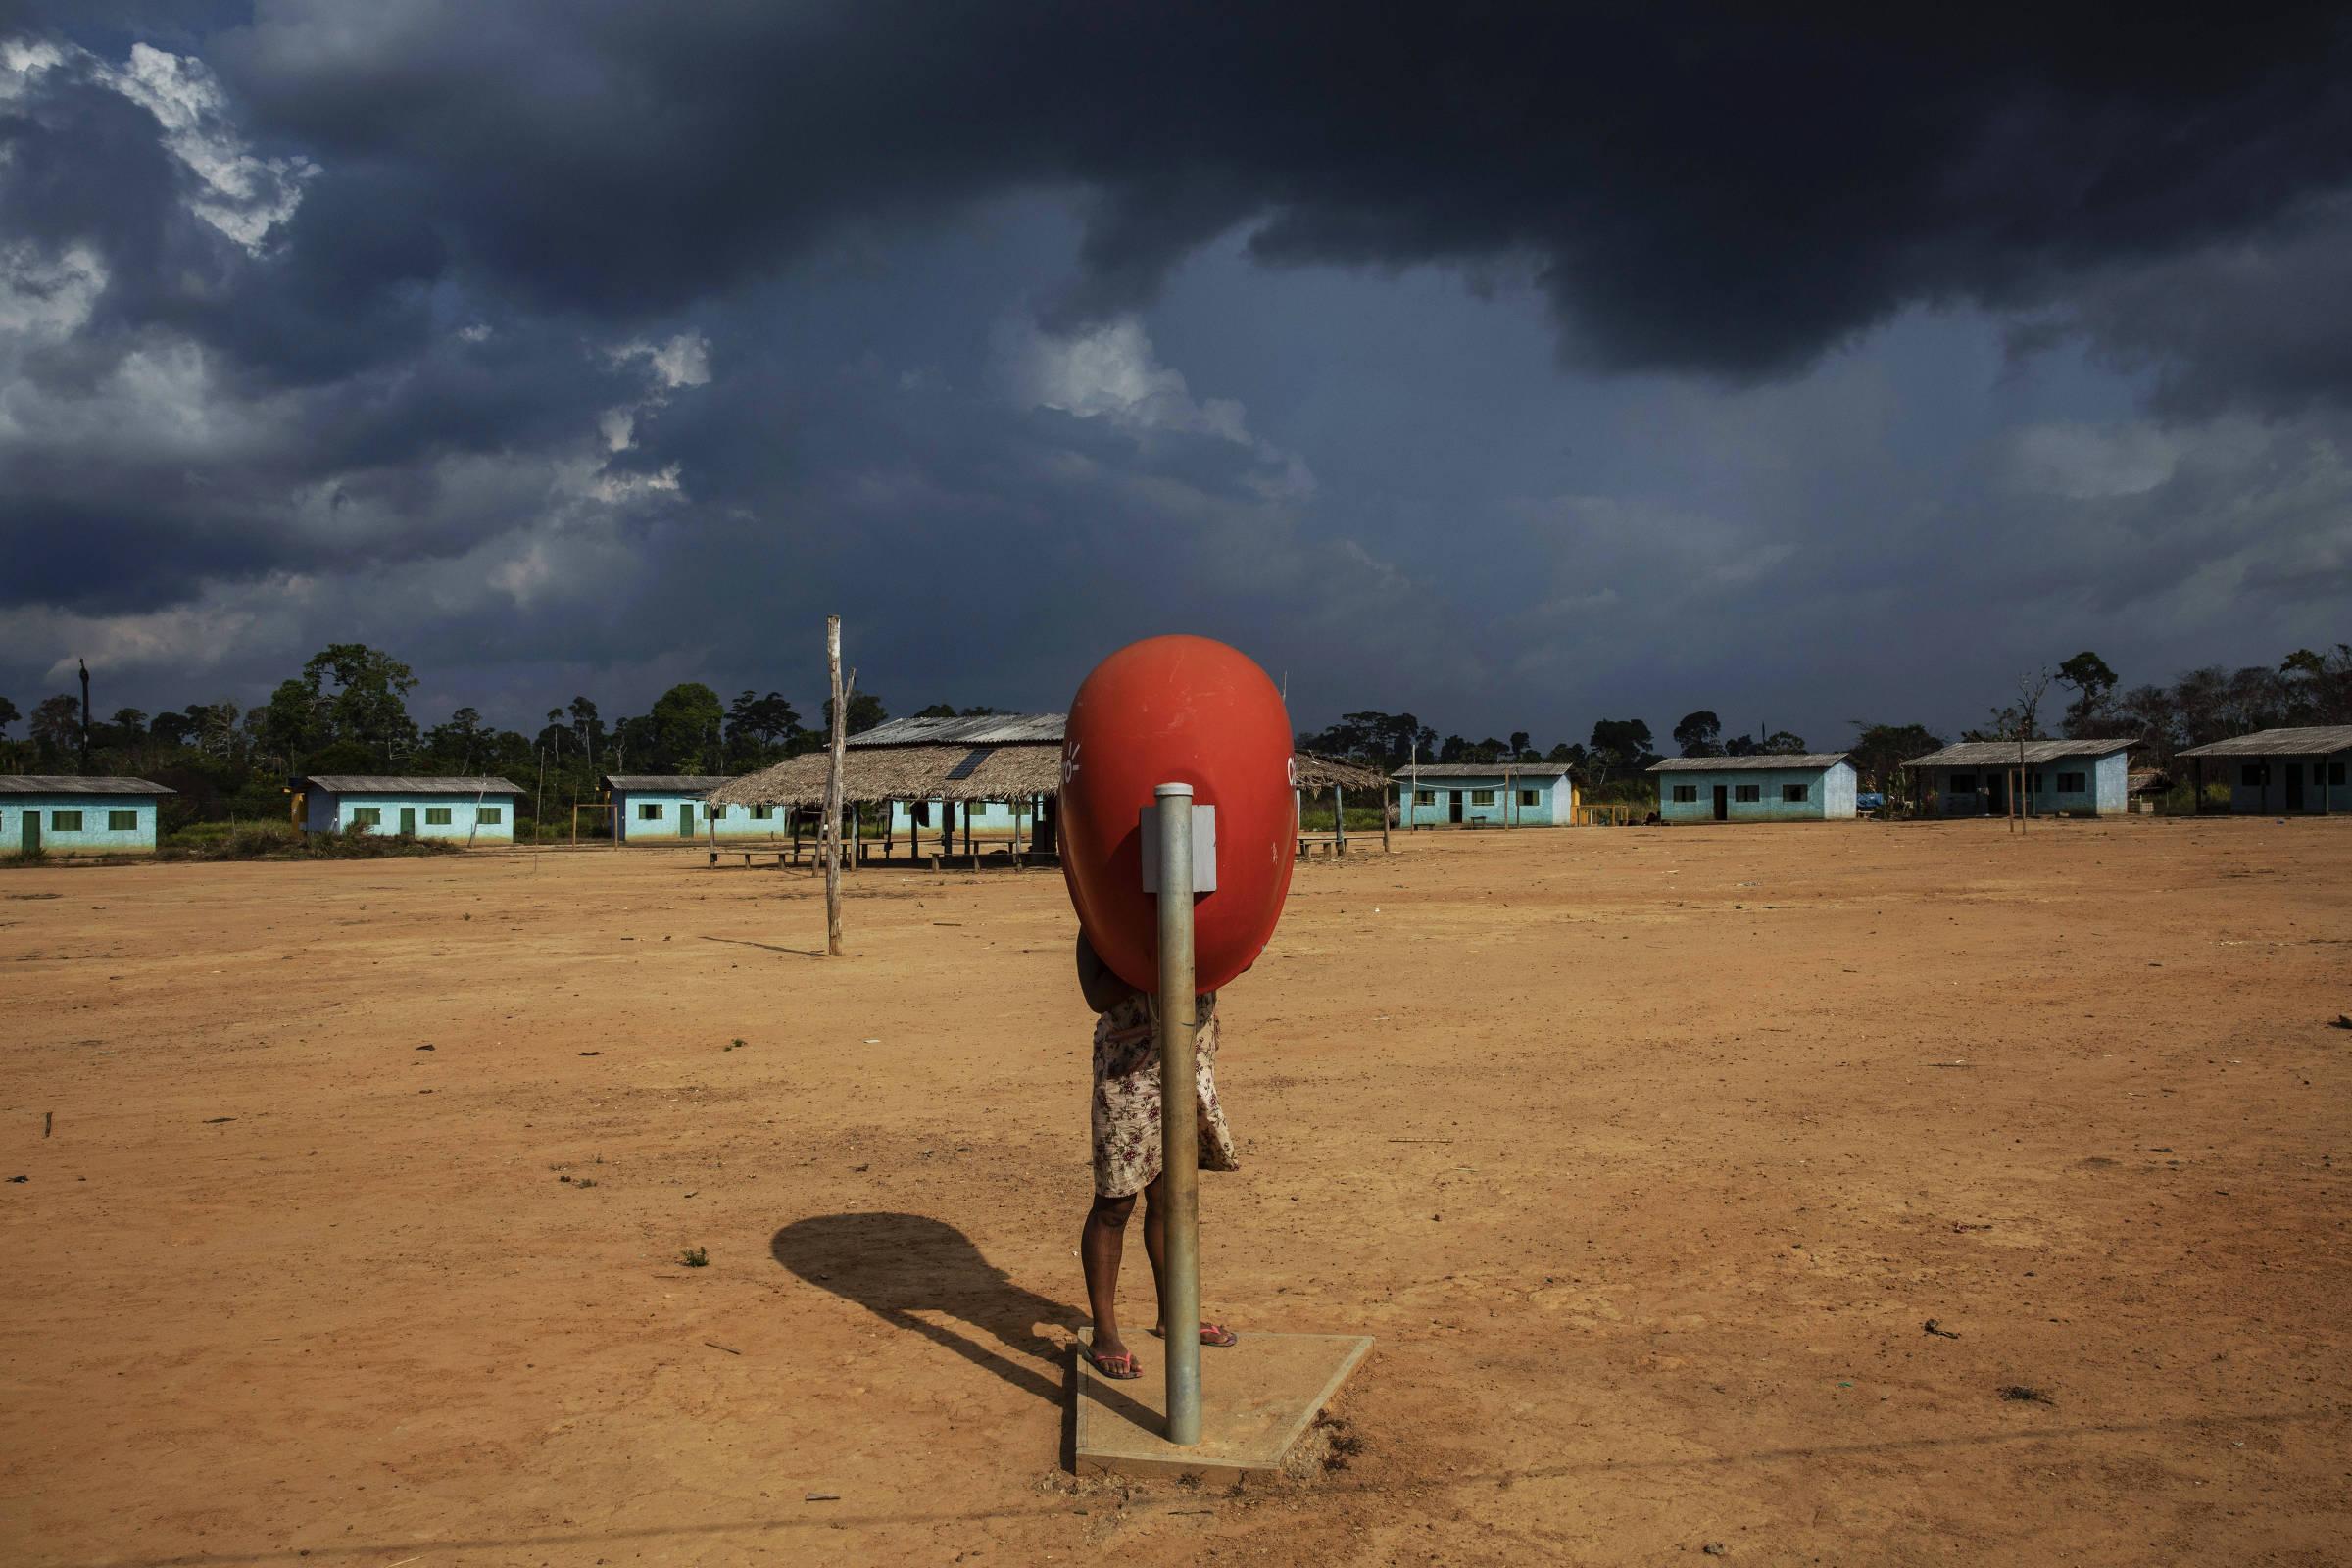 Telefone público na aldeia Rapko na Terra Indígena Trincheira Bacajá, no Pará, que teve parte de sua área invadida e desmatada por grileiros